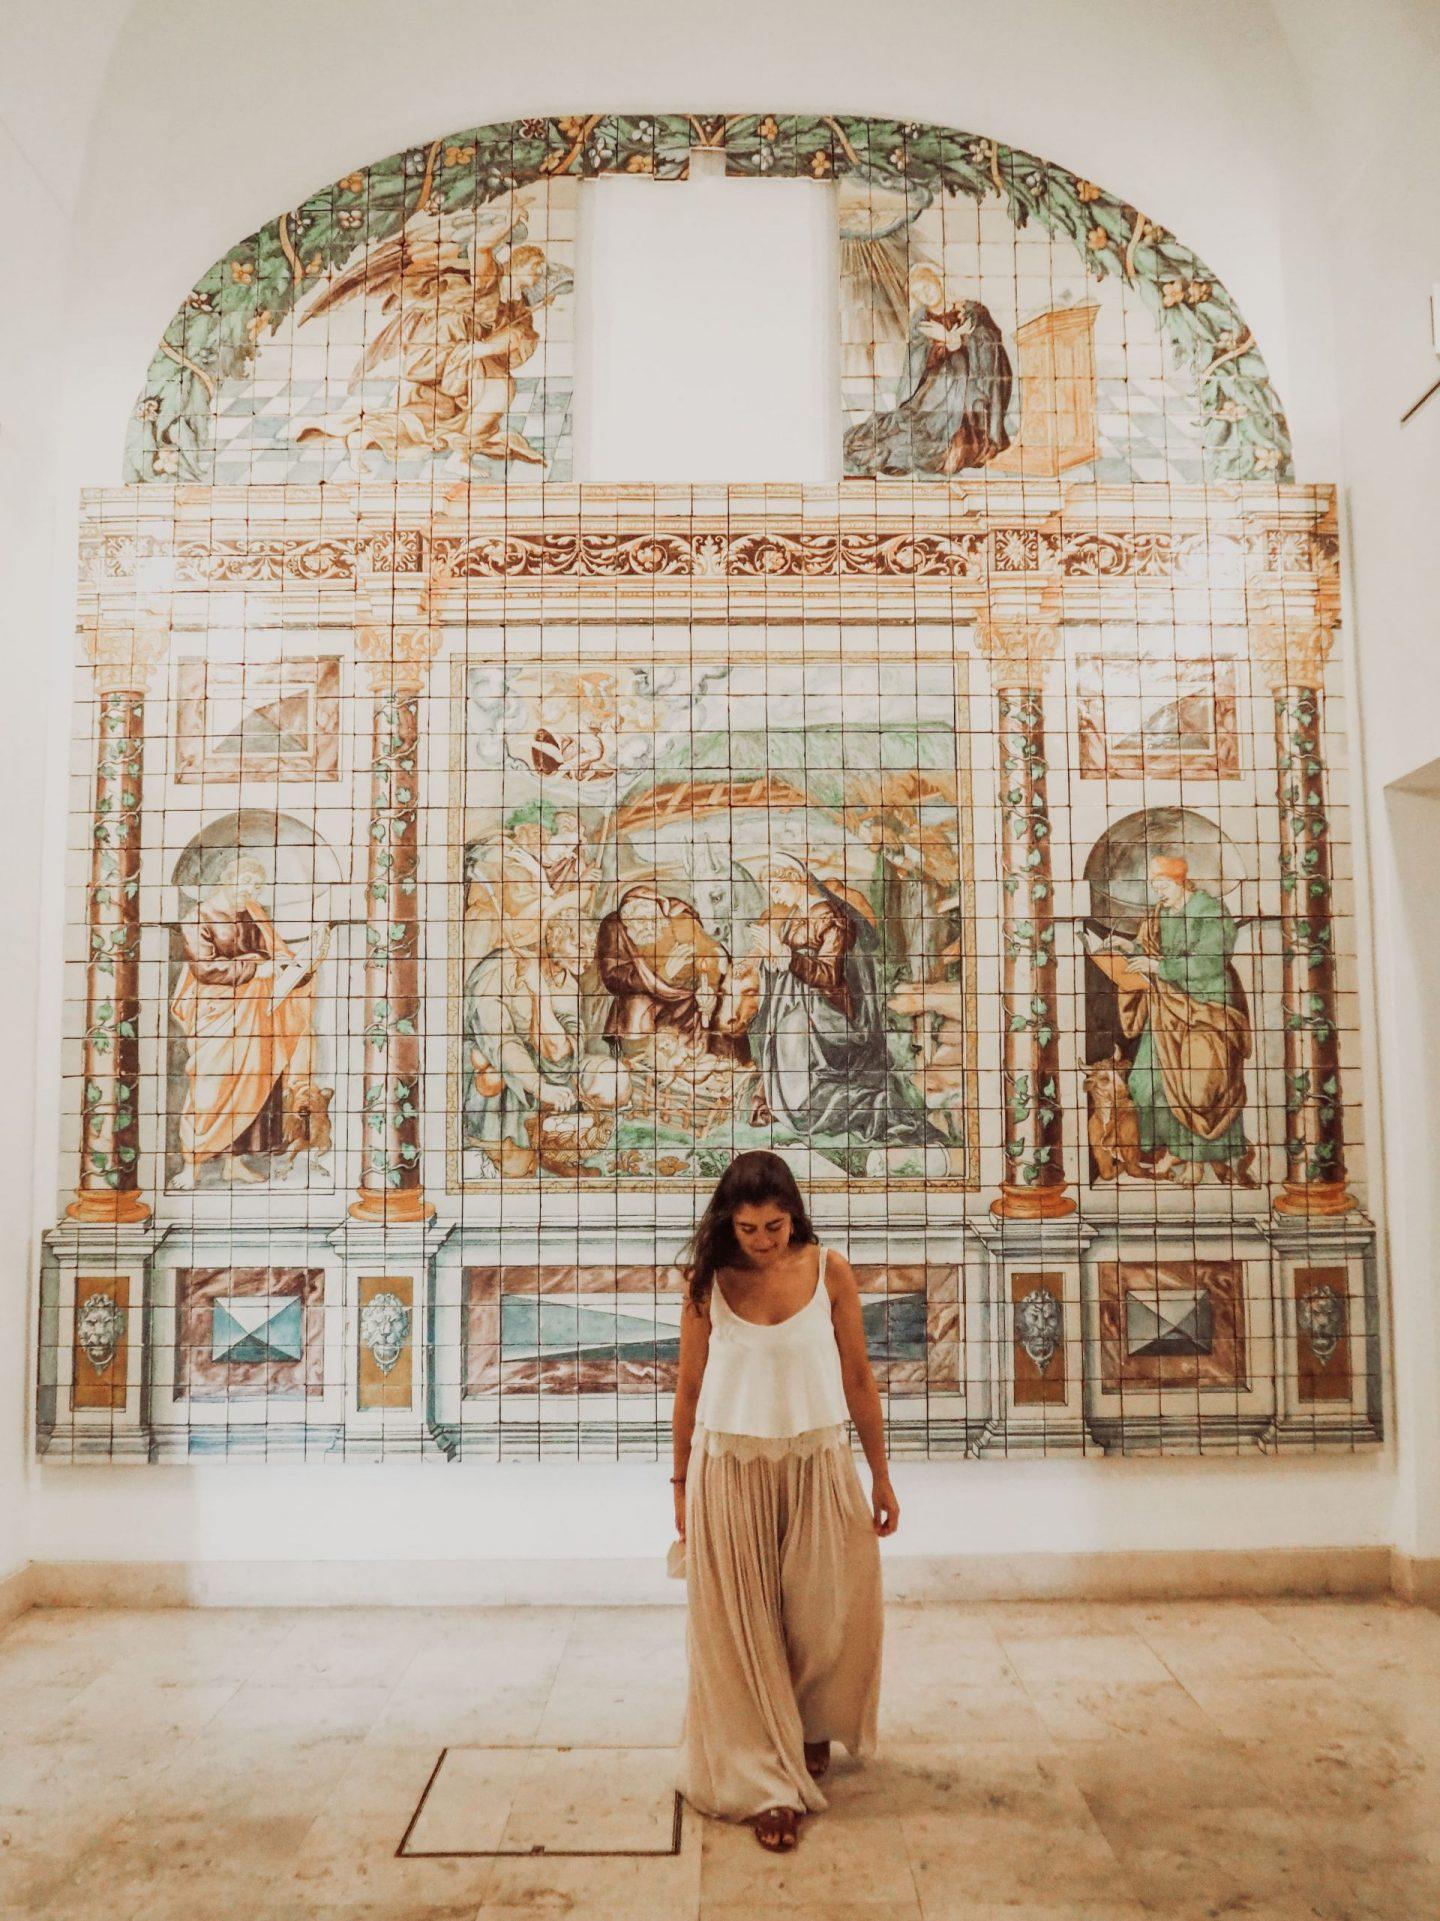 Visitar o Panteão Nacional & o Museu do Azulejo